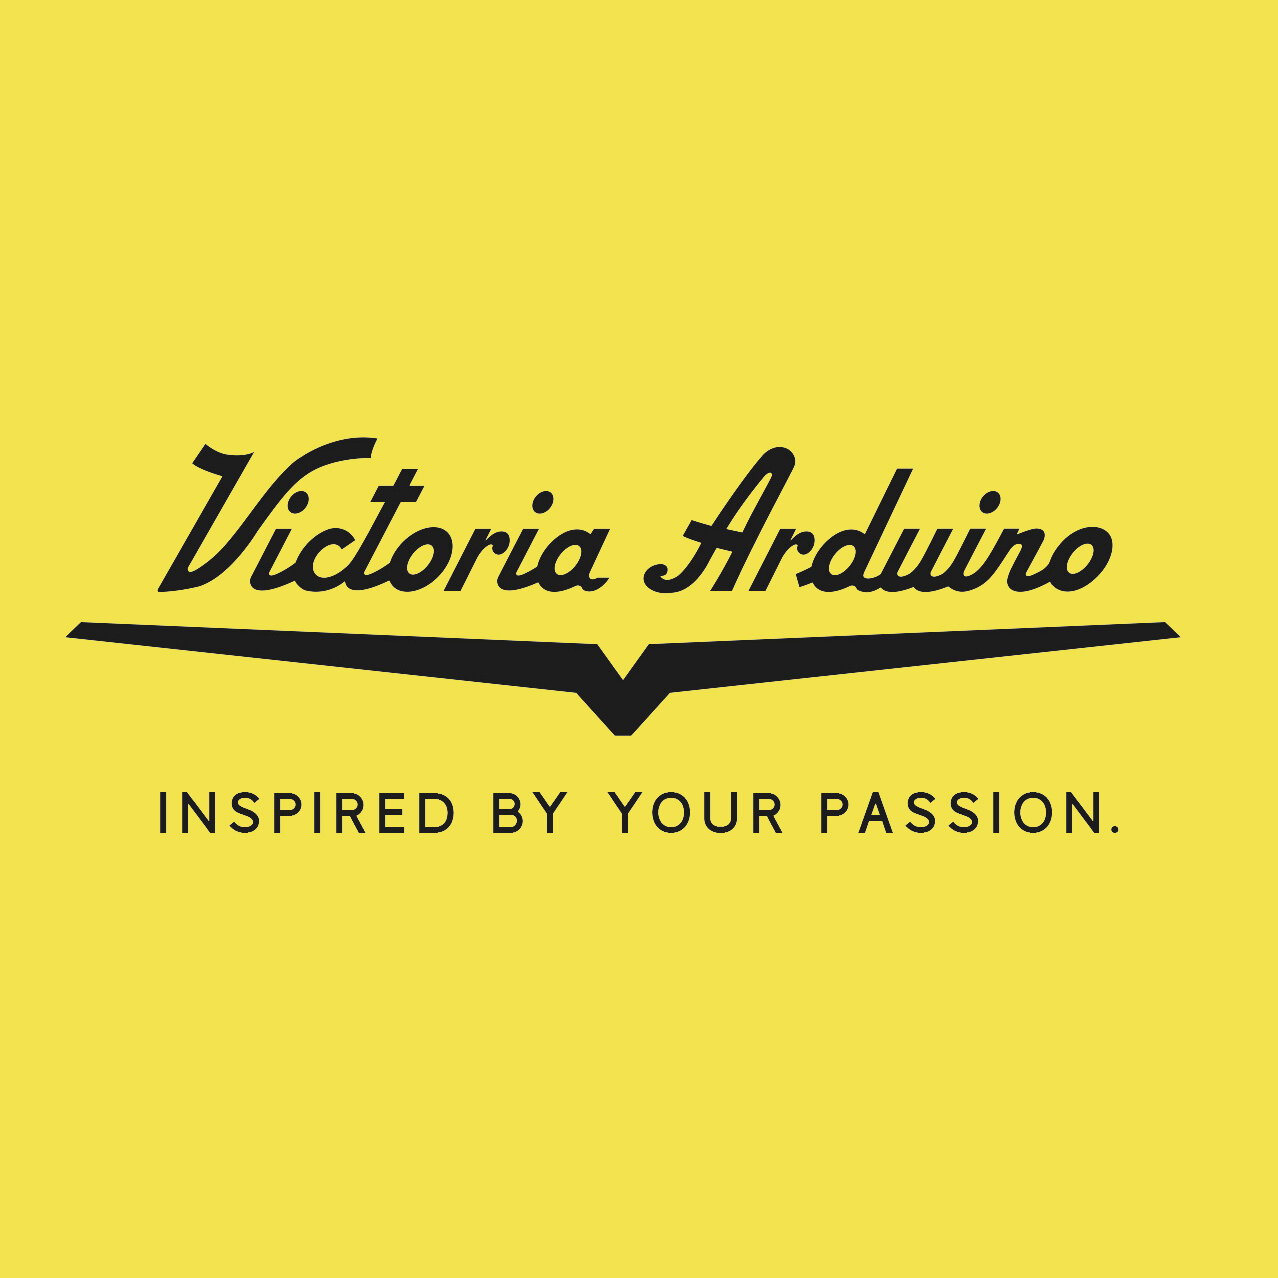 VA_InspiredByYourPassion.jpg